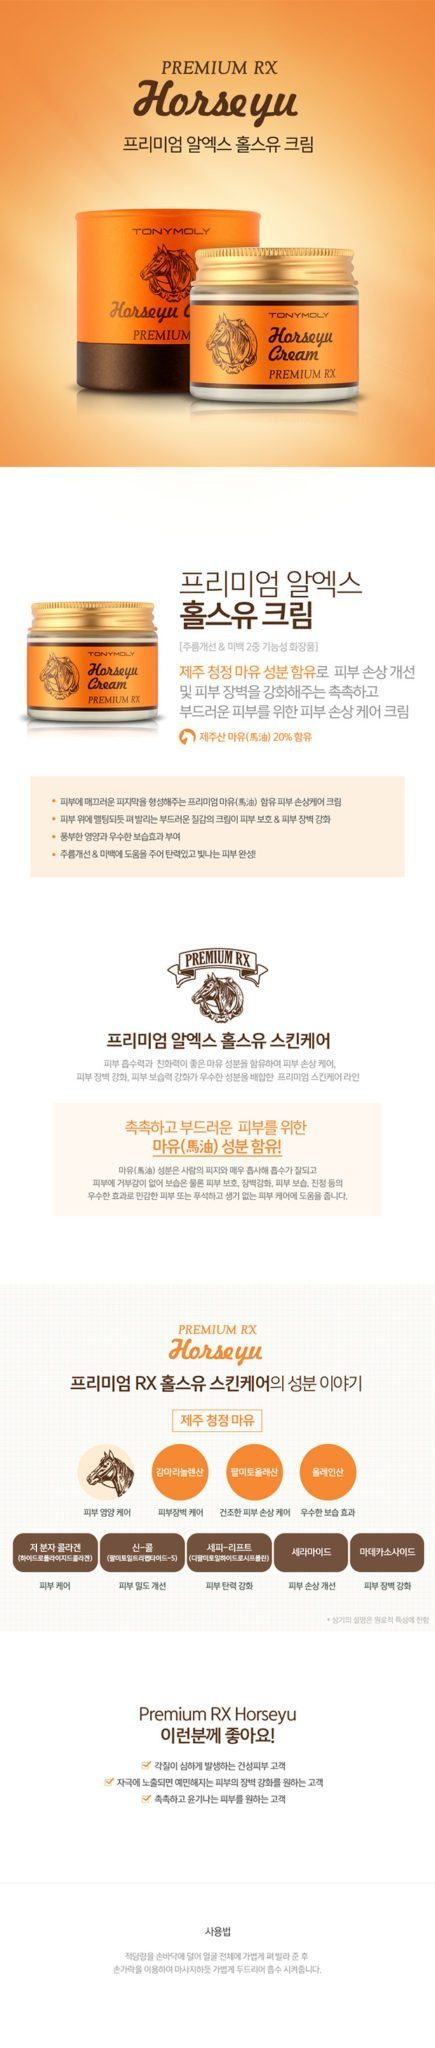 TONYMOLY Premium RX Horseyu Cream 70ml